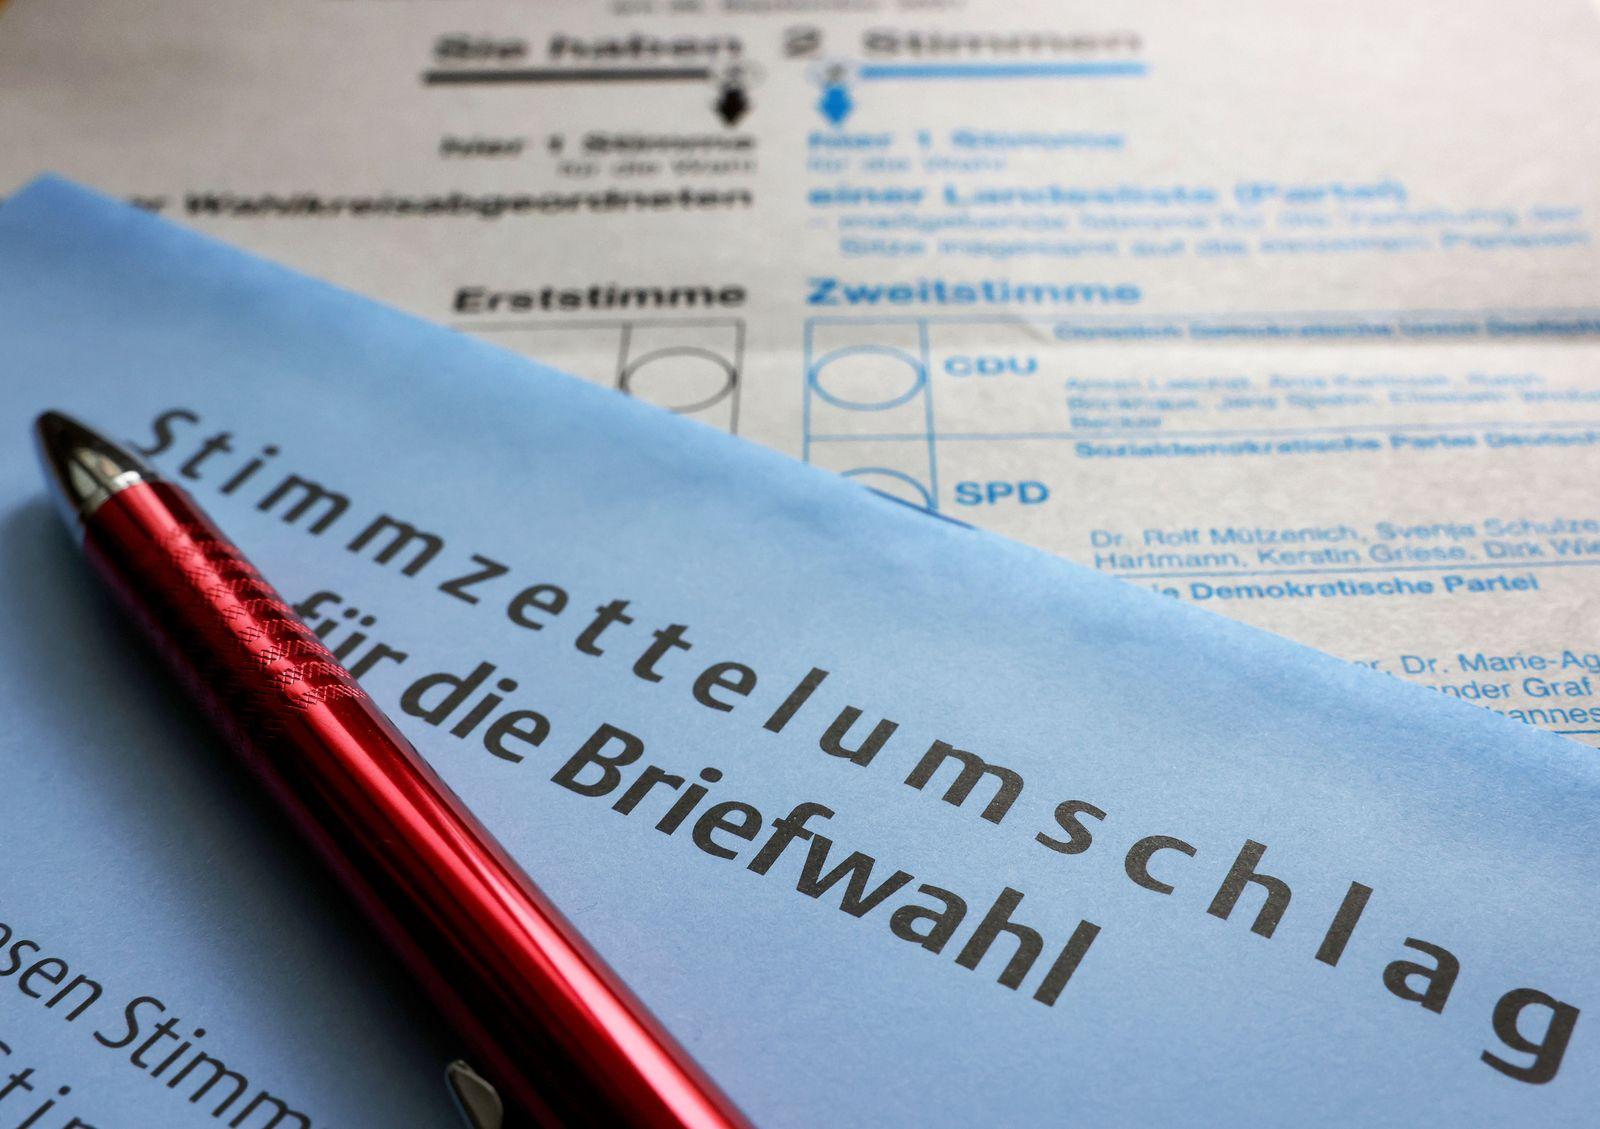 Bundestagswahl - Briefwahlunterlagen